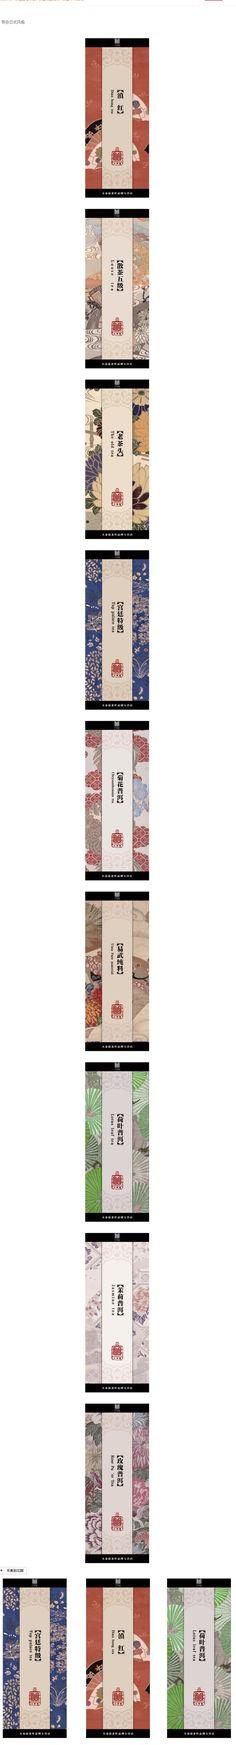 茶叶标签-包装-平面 by 李佰乐 -...